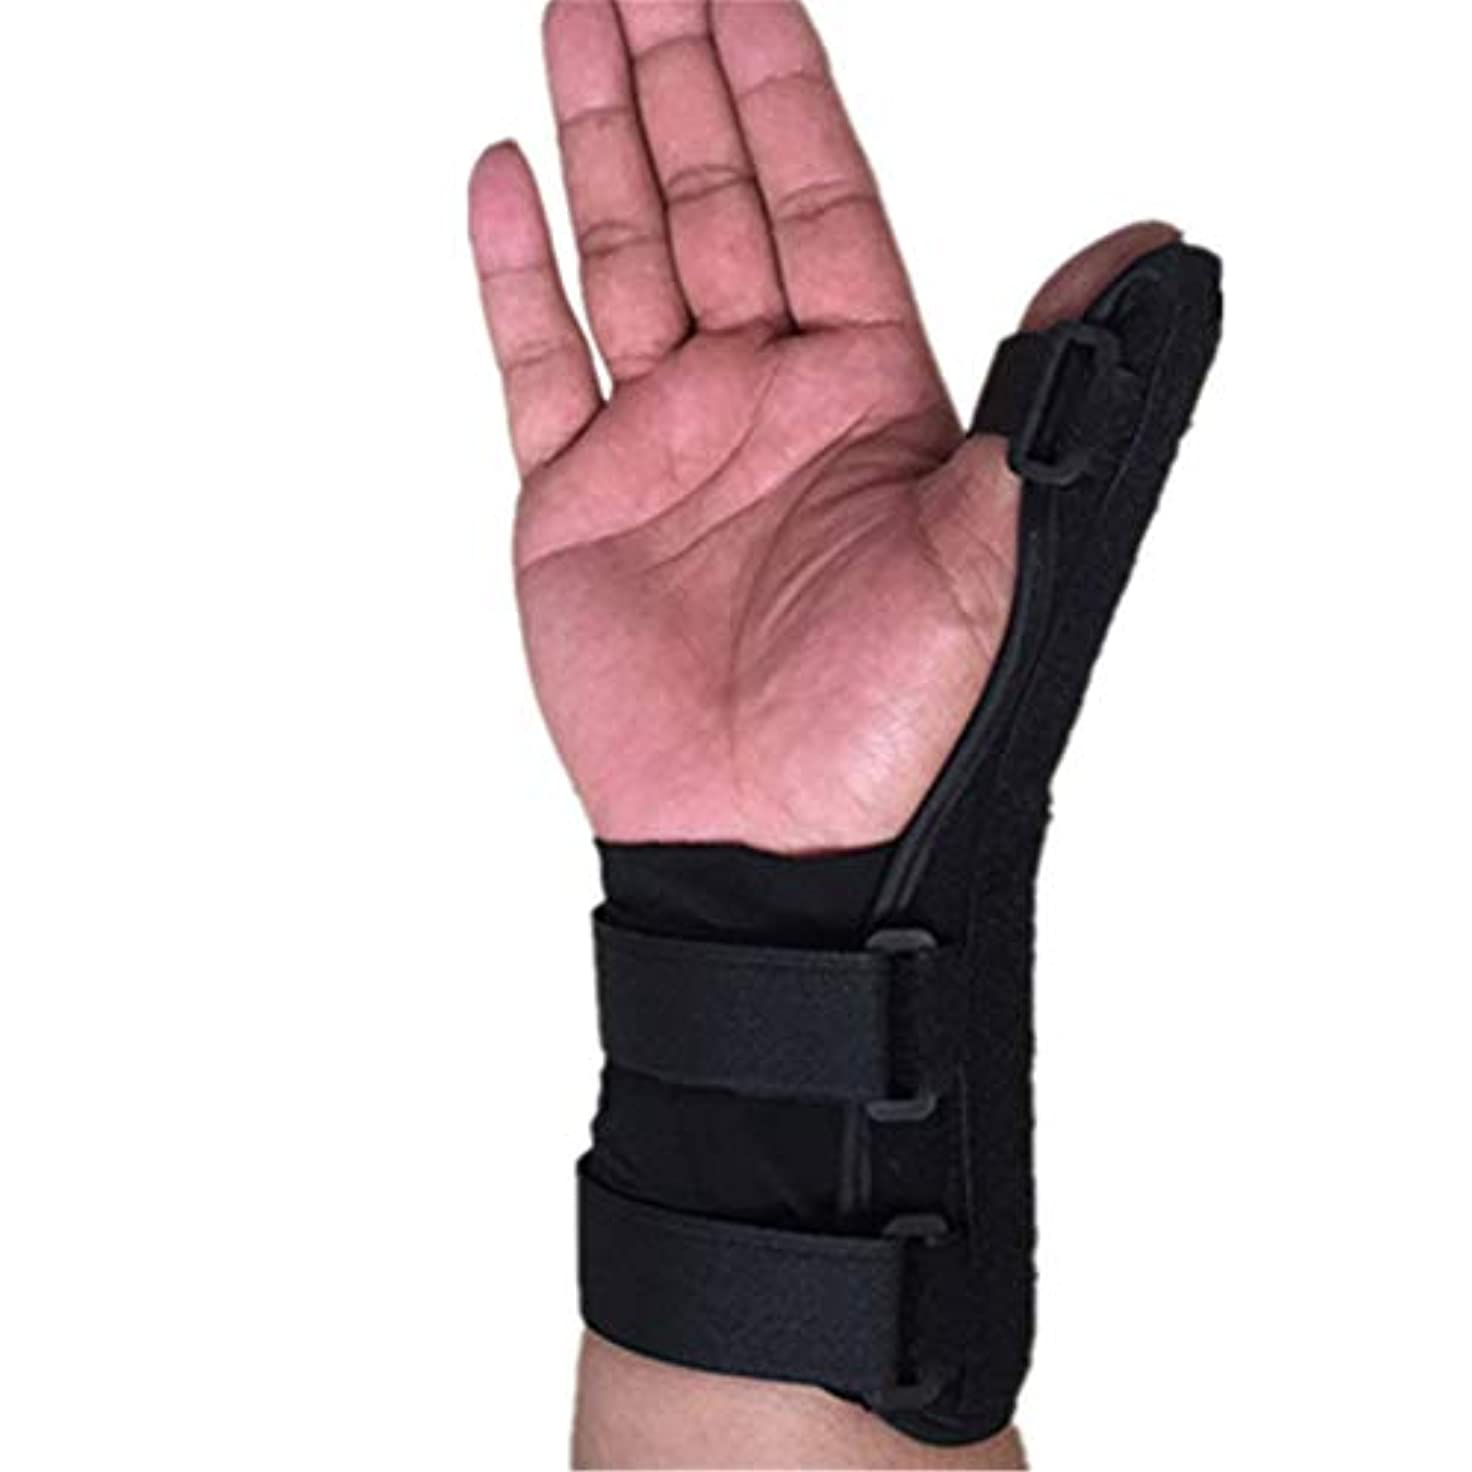 フレットネブ科学者指サポーター ばね指サポーター バネ指 腱鞘炎 指保護 固定 調整自在 左右兼用 フリーサイズ